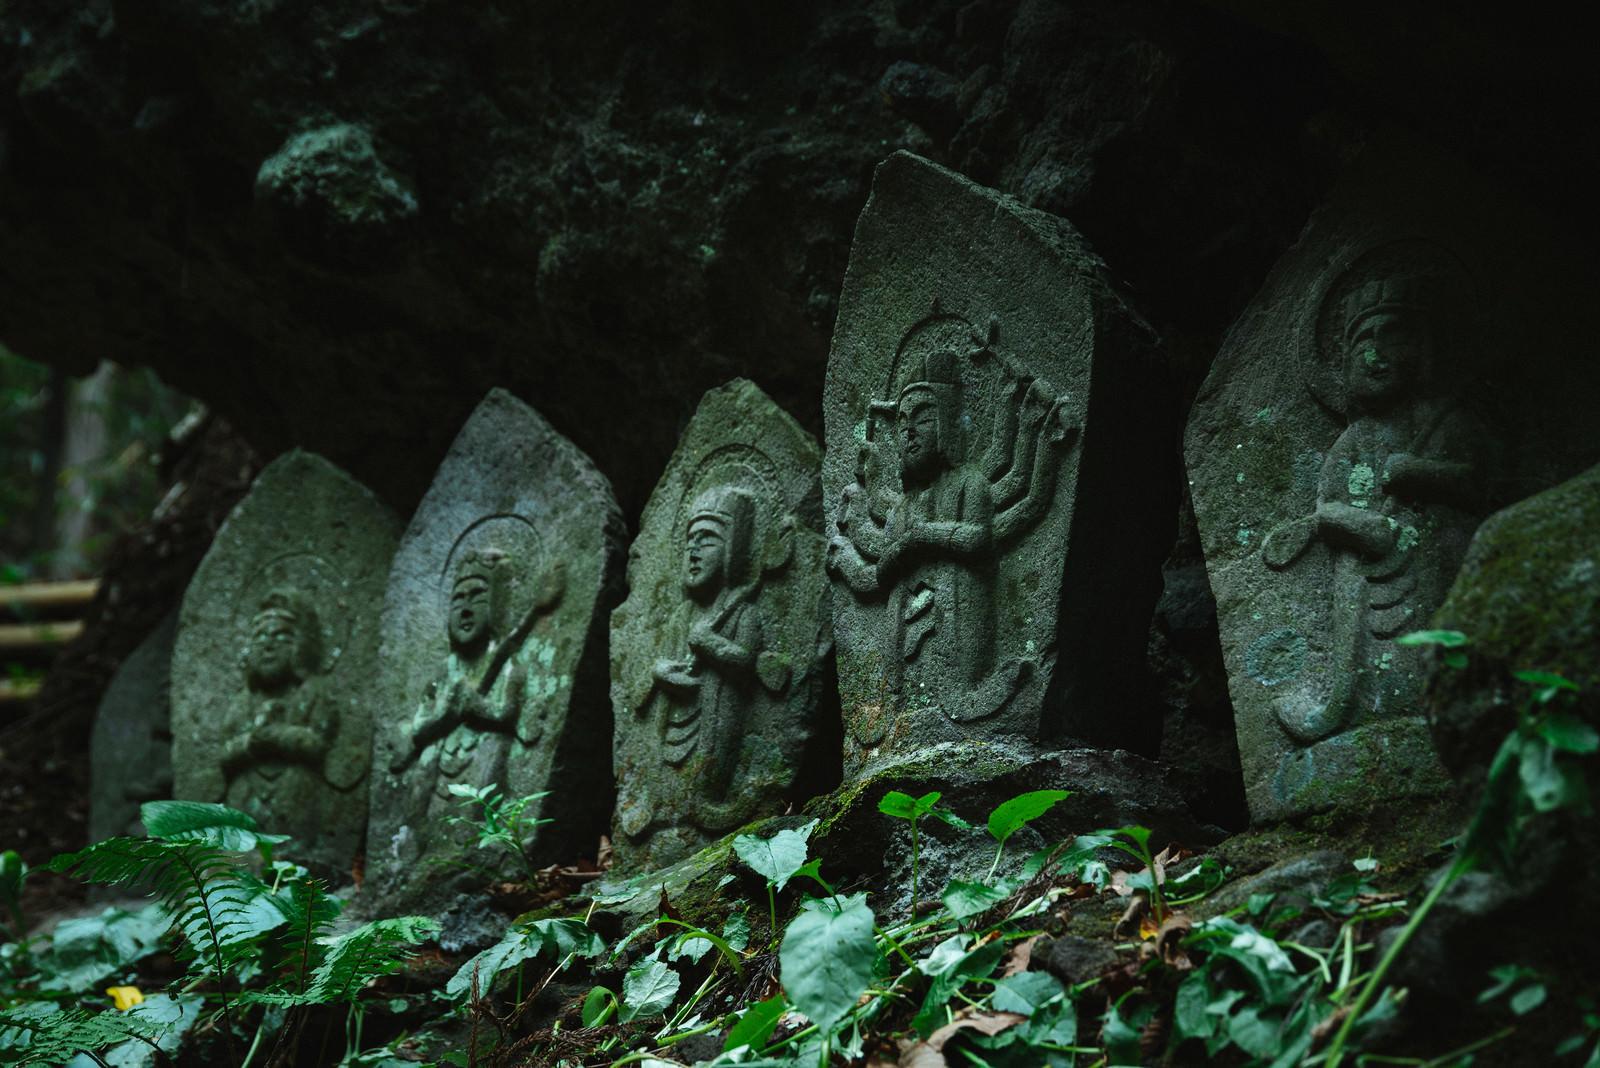 「多数の石仏が並ぶ「滝沢観音石仏群」」の写真